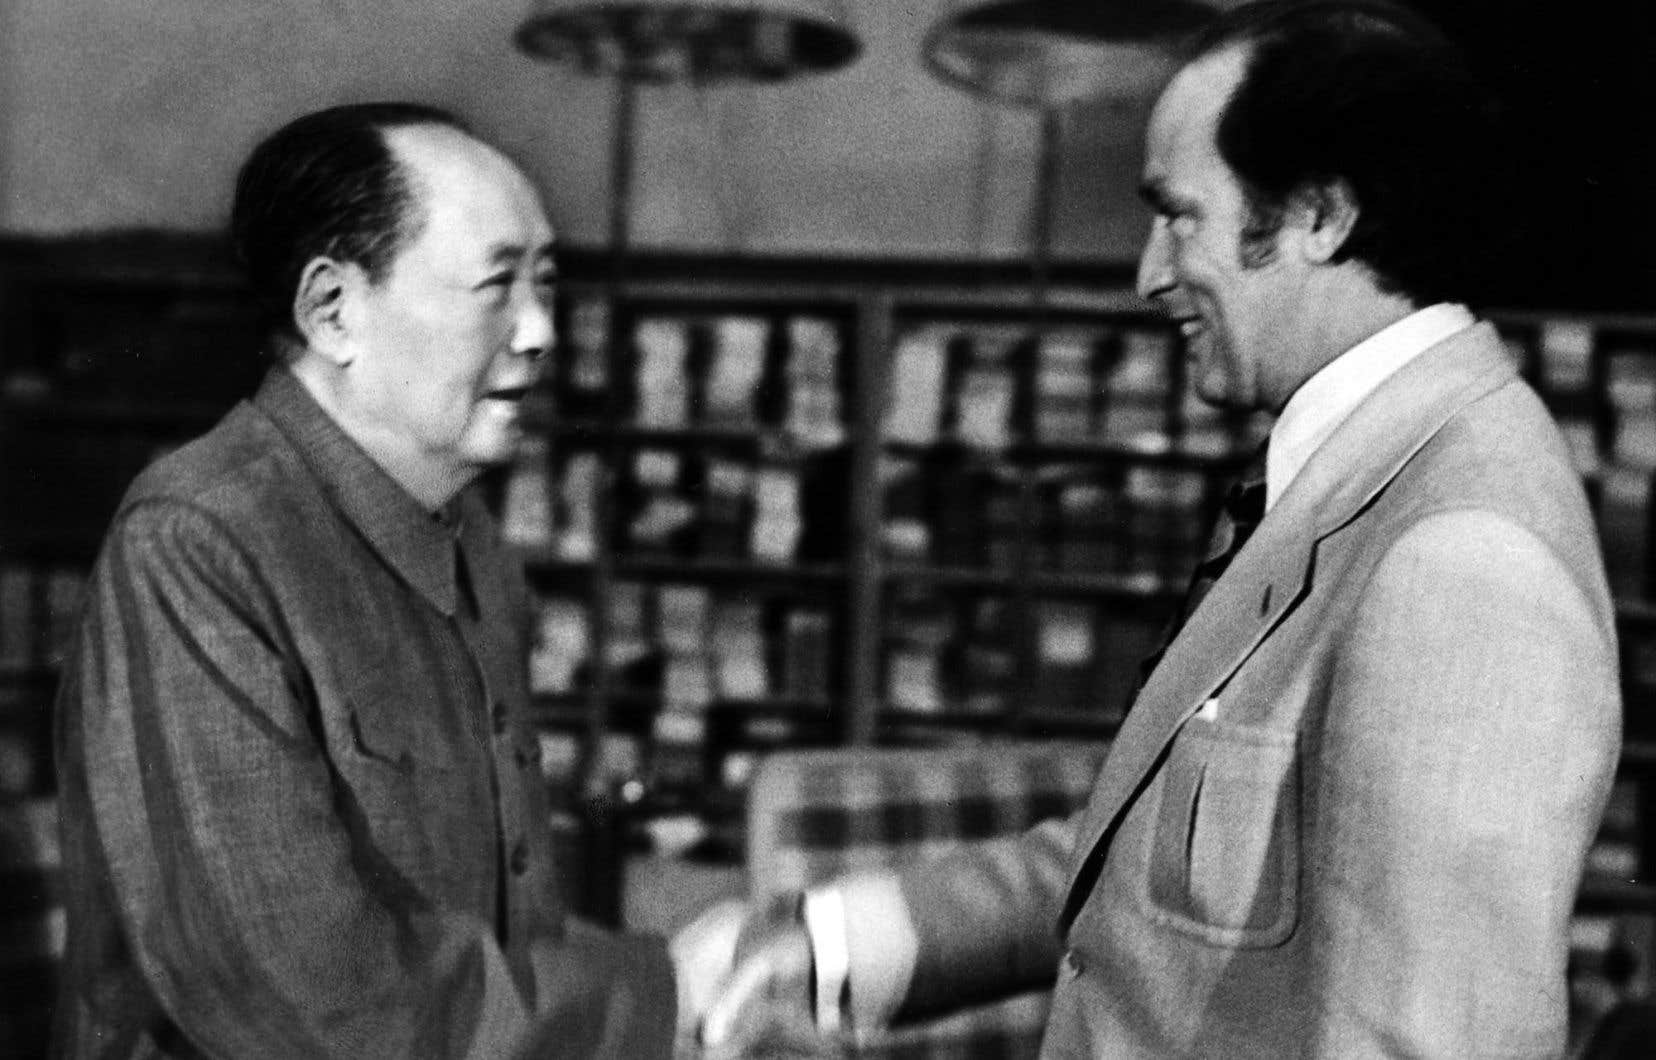 Pierre Elliott Trudeau avec Mao Zedongà Chungnanhai, en Chine, en 1973.C'est à l'initiative de Trudeau que le Canada rétablit ses relations diplomatiques en octobre 1970 et manoeuvre pour faire admettre la République populaire de Chine à l'ONU.